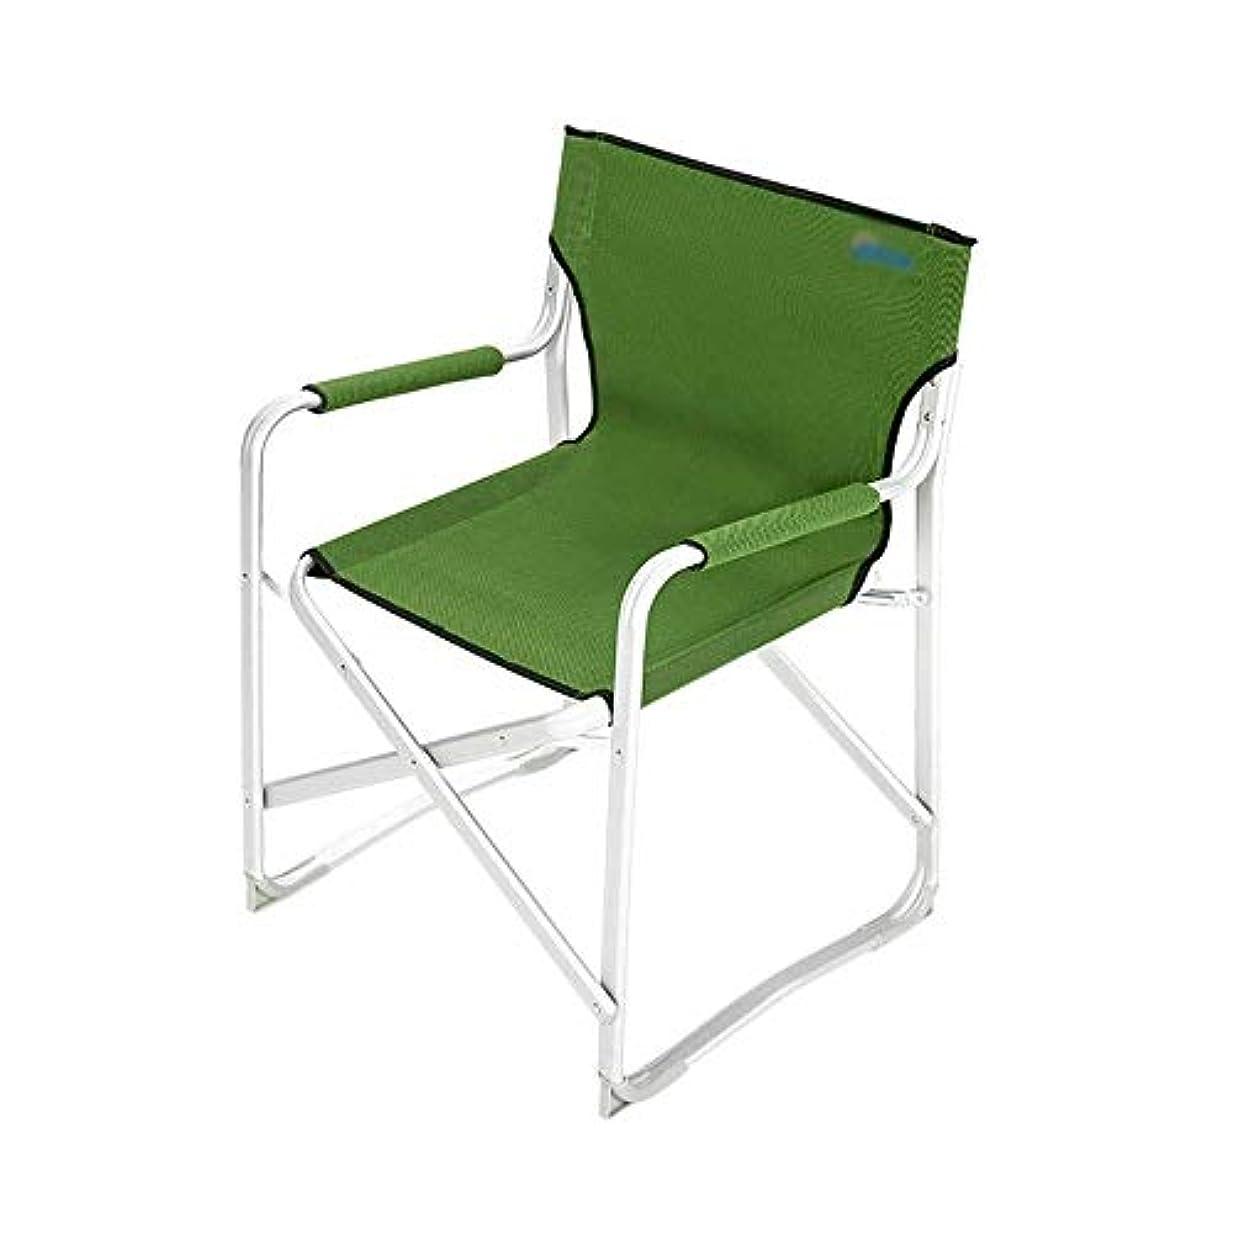 縮れた十代の若者たちライブ屋外用折りたたみ椅子肘掛け付アルミ合金軽量ポータブル多目的キャンプピクニック旅行釣り登山バーベキュー屋外用レッド/グリーン (色 : 緑)